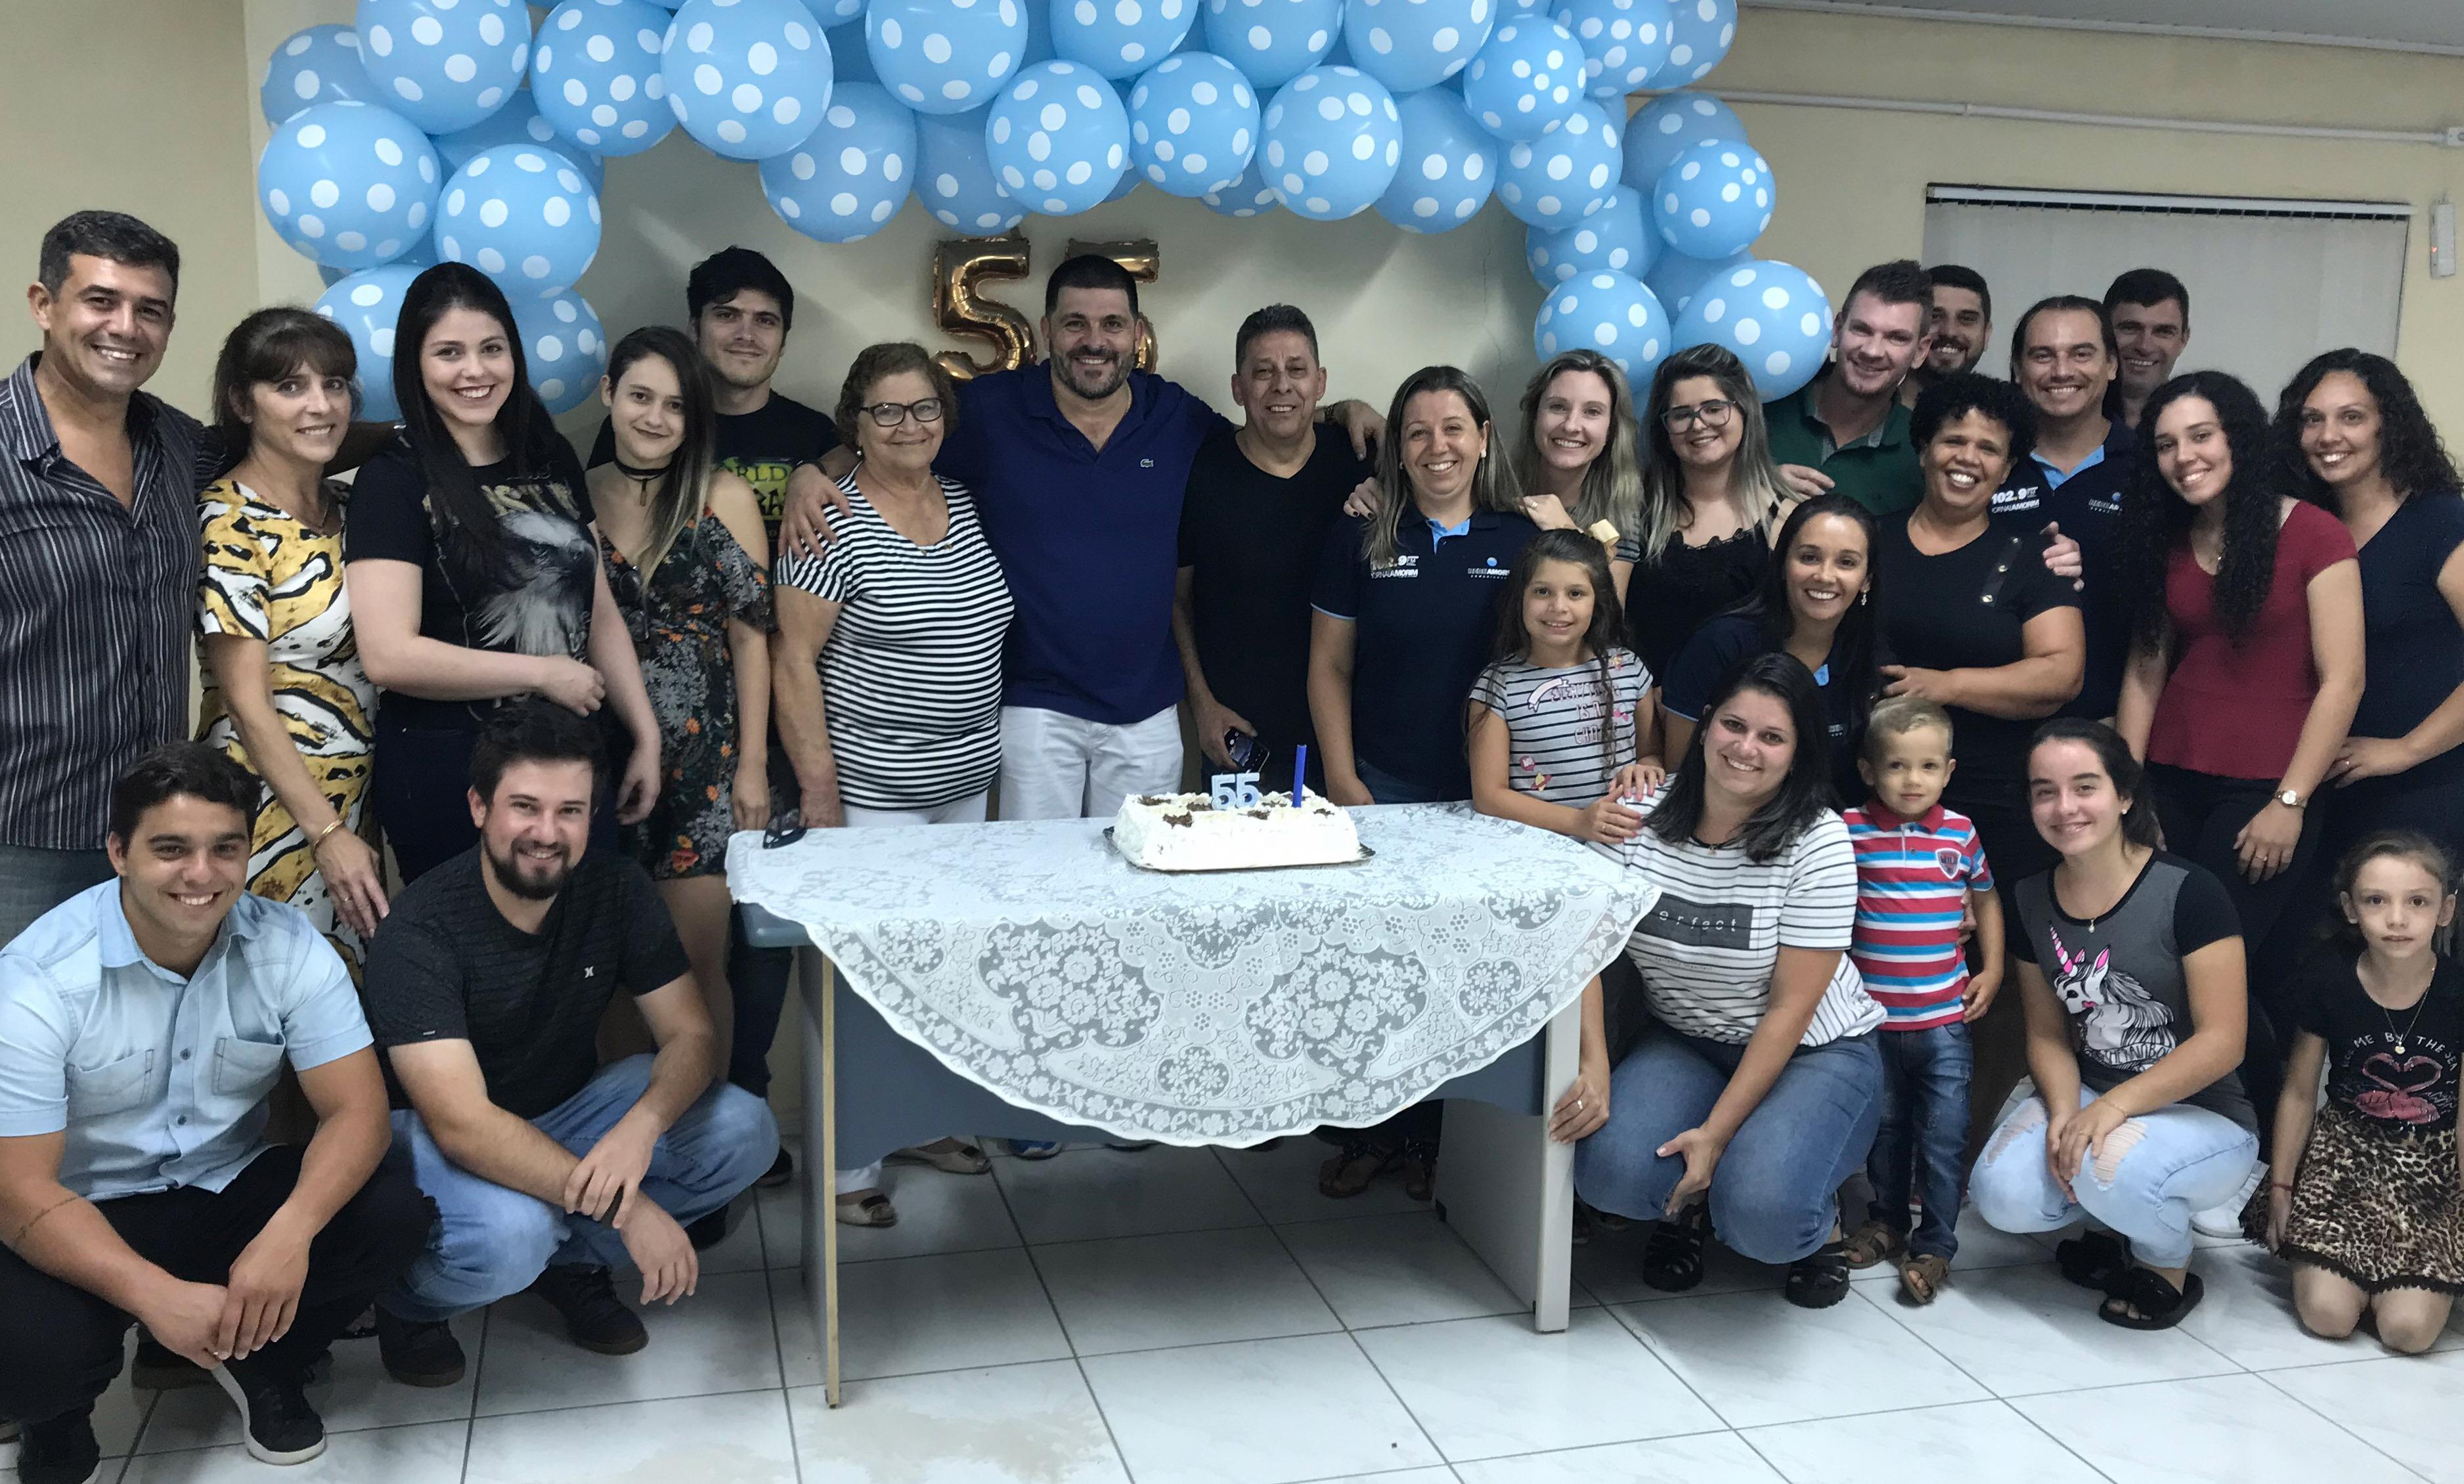 O empresário Cacai Amorim celebrou a passagem dos seus 55 anos de idade com sorriso no rosto, recebendo o carinho dos familiares e equipe da Rede de Comunicações Amorim na noite de 13 de março.